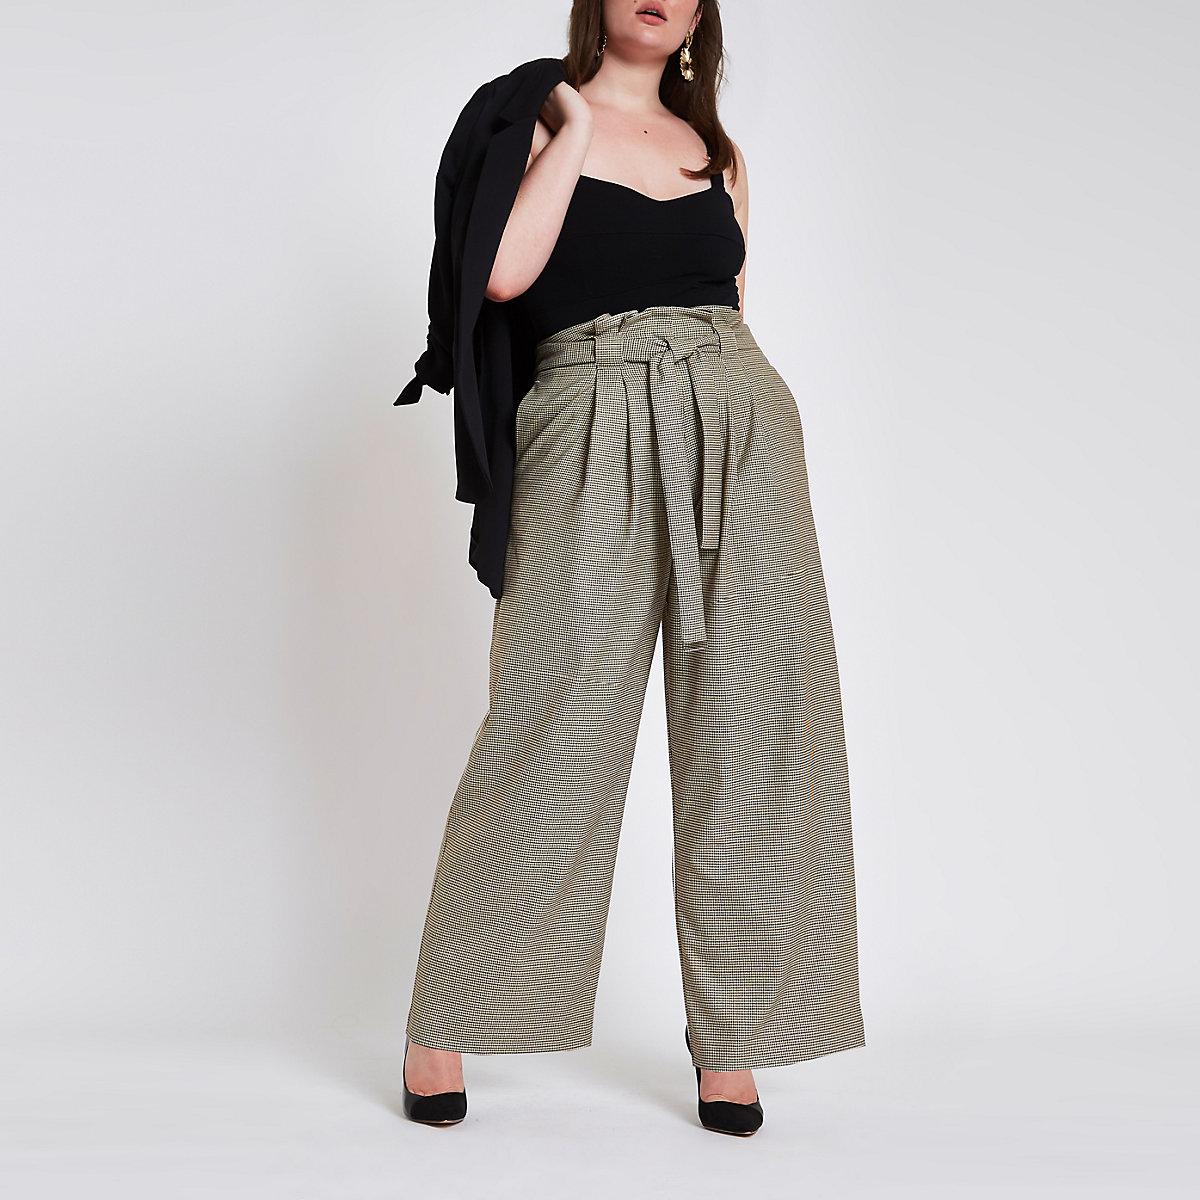 ... Plus – Pantalon large à carreaux gris avec taille haute ceinturée ... 6c9c7834074